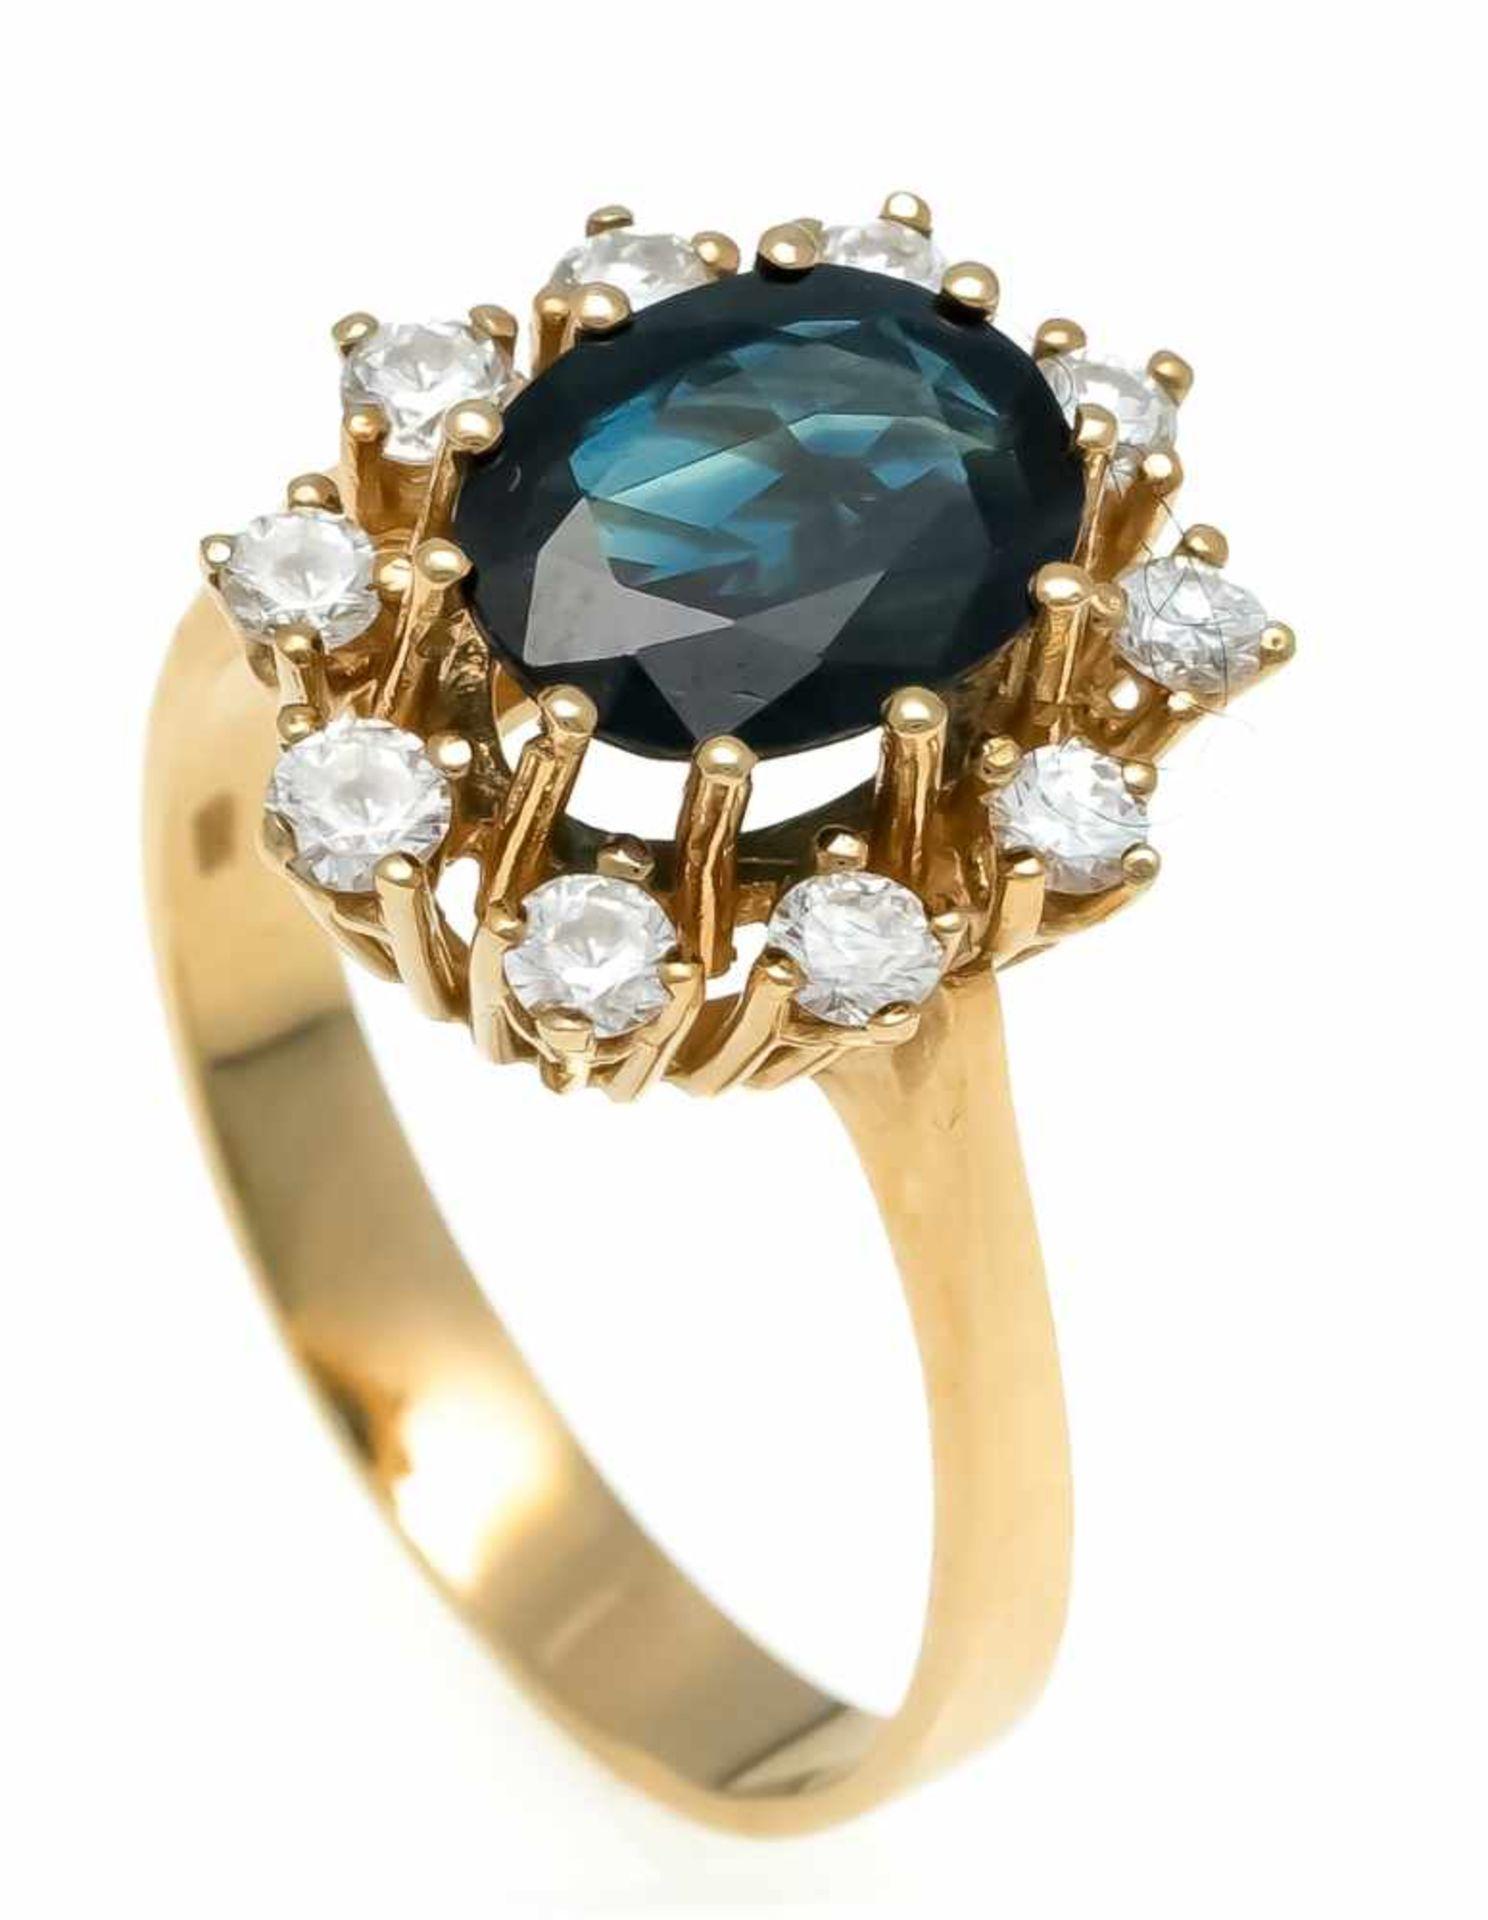 Saphir-Brillant-Ring GG 585/000 mit einem oval fac. Saphir 9 x 7 mm und 10 Brillanten, zus. 0,40